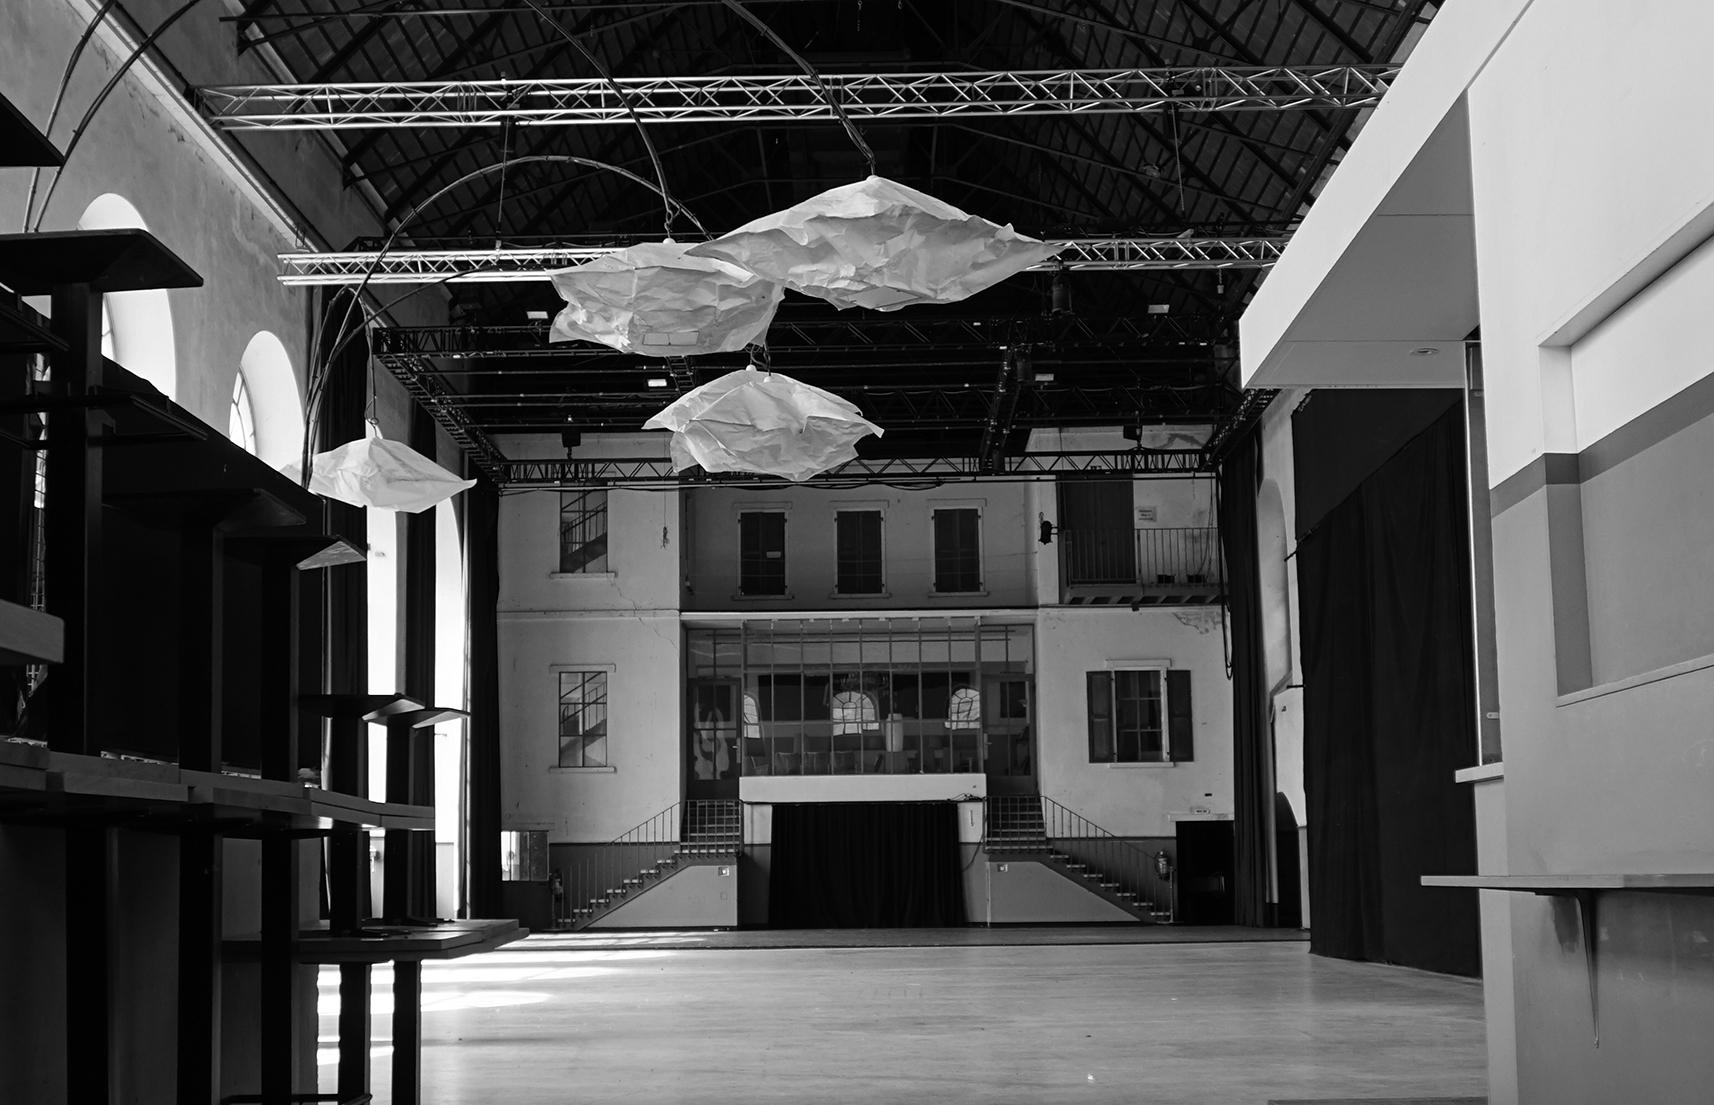 Belle usine grande salle fully